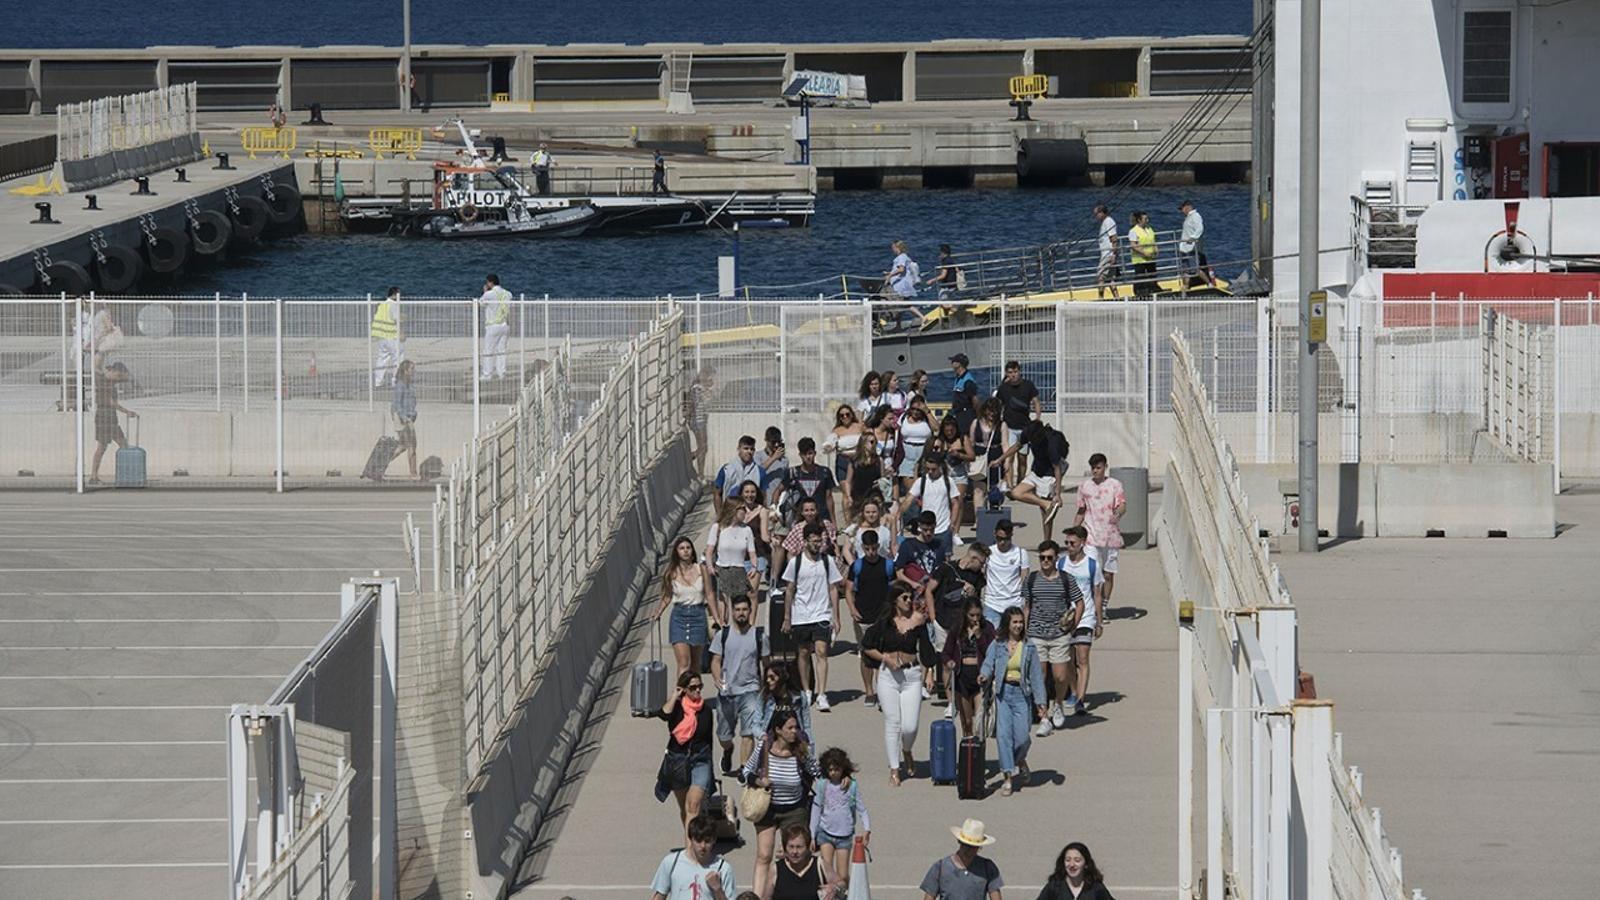 El port de Ciutadella viu hores intenses amb l'arribada dels bucs procedents de Mallorca i Barcelona.